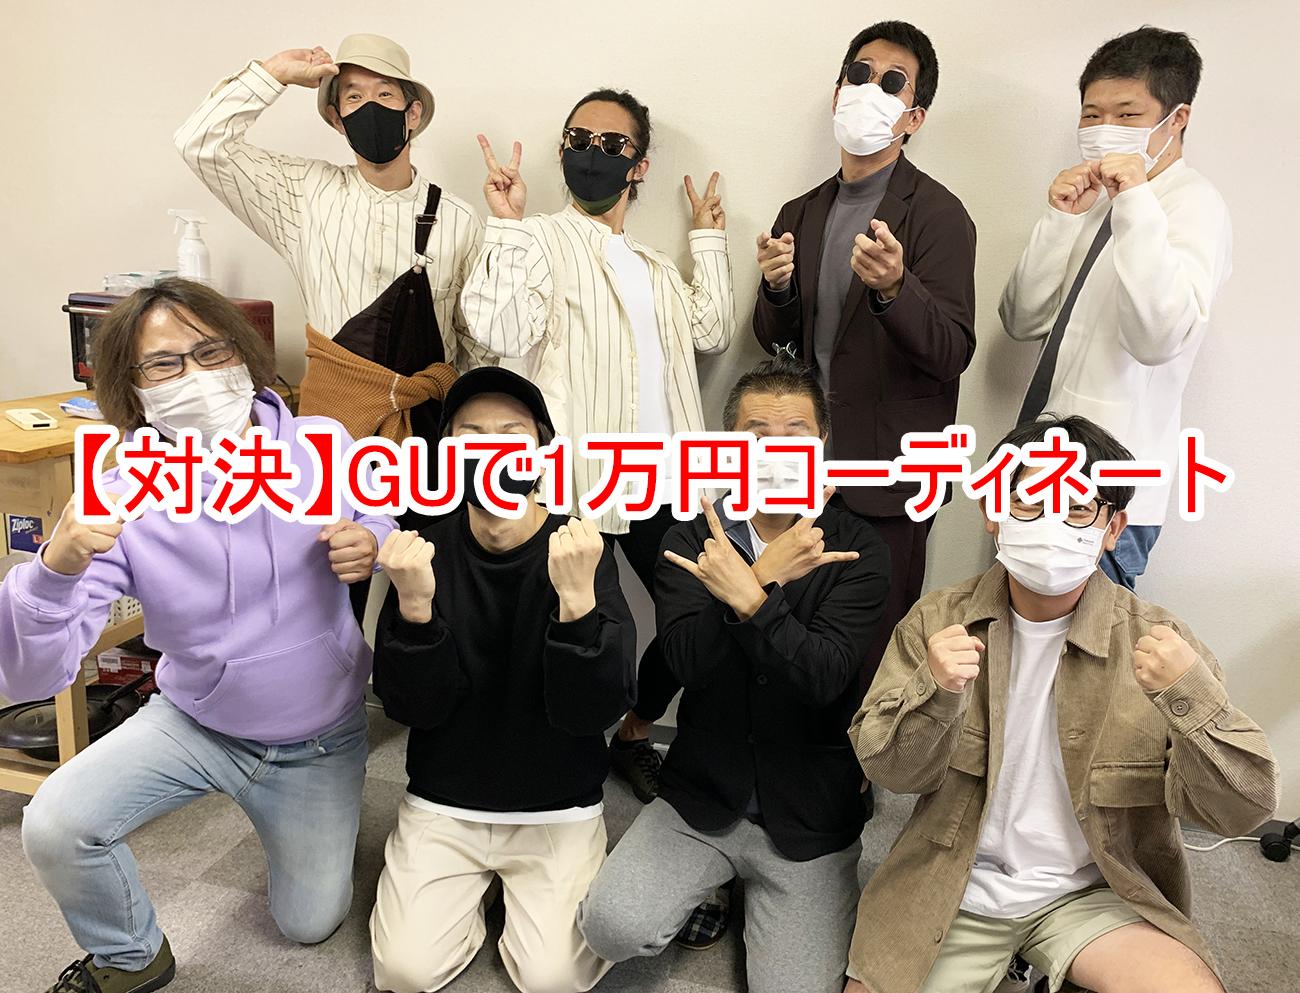 【衝撃】オッサン8人がGUで1万円コーディネート対決した結果 → 審査員「マジか……」